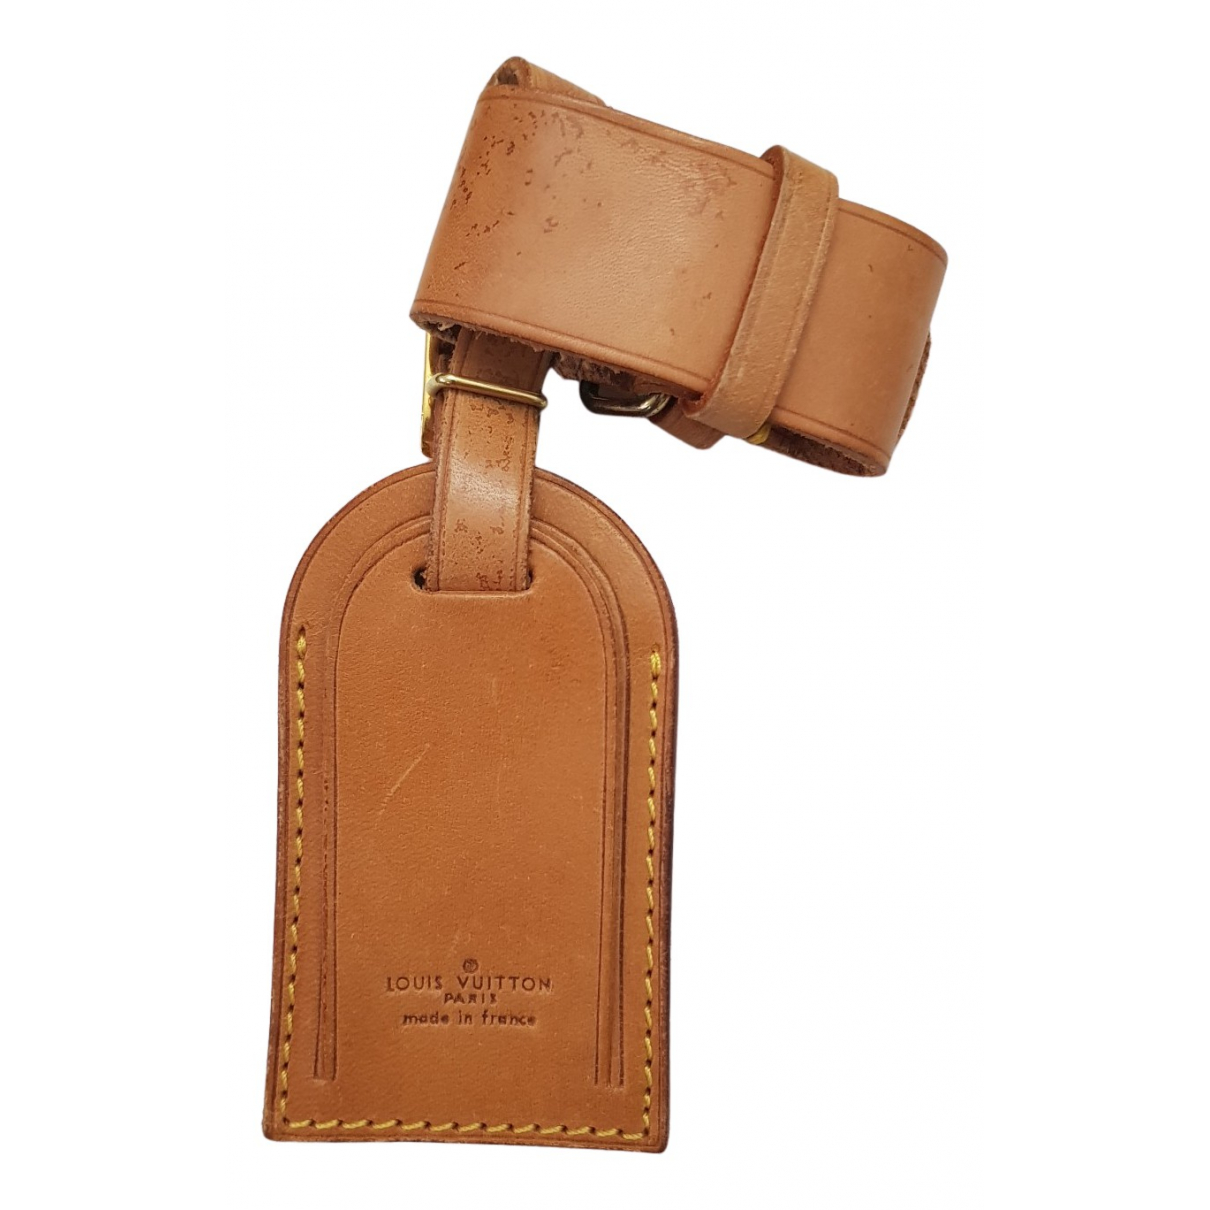 Louis Vuitton \N Kleinlederwaren in  Beige Leder